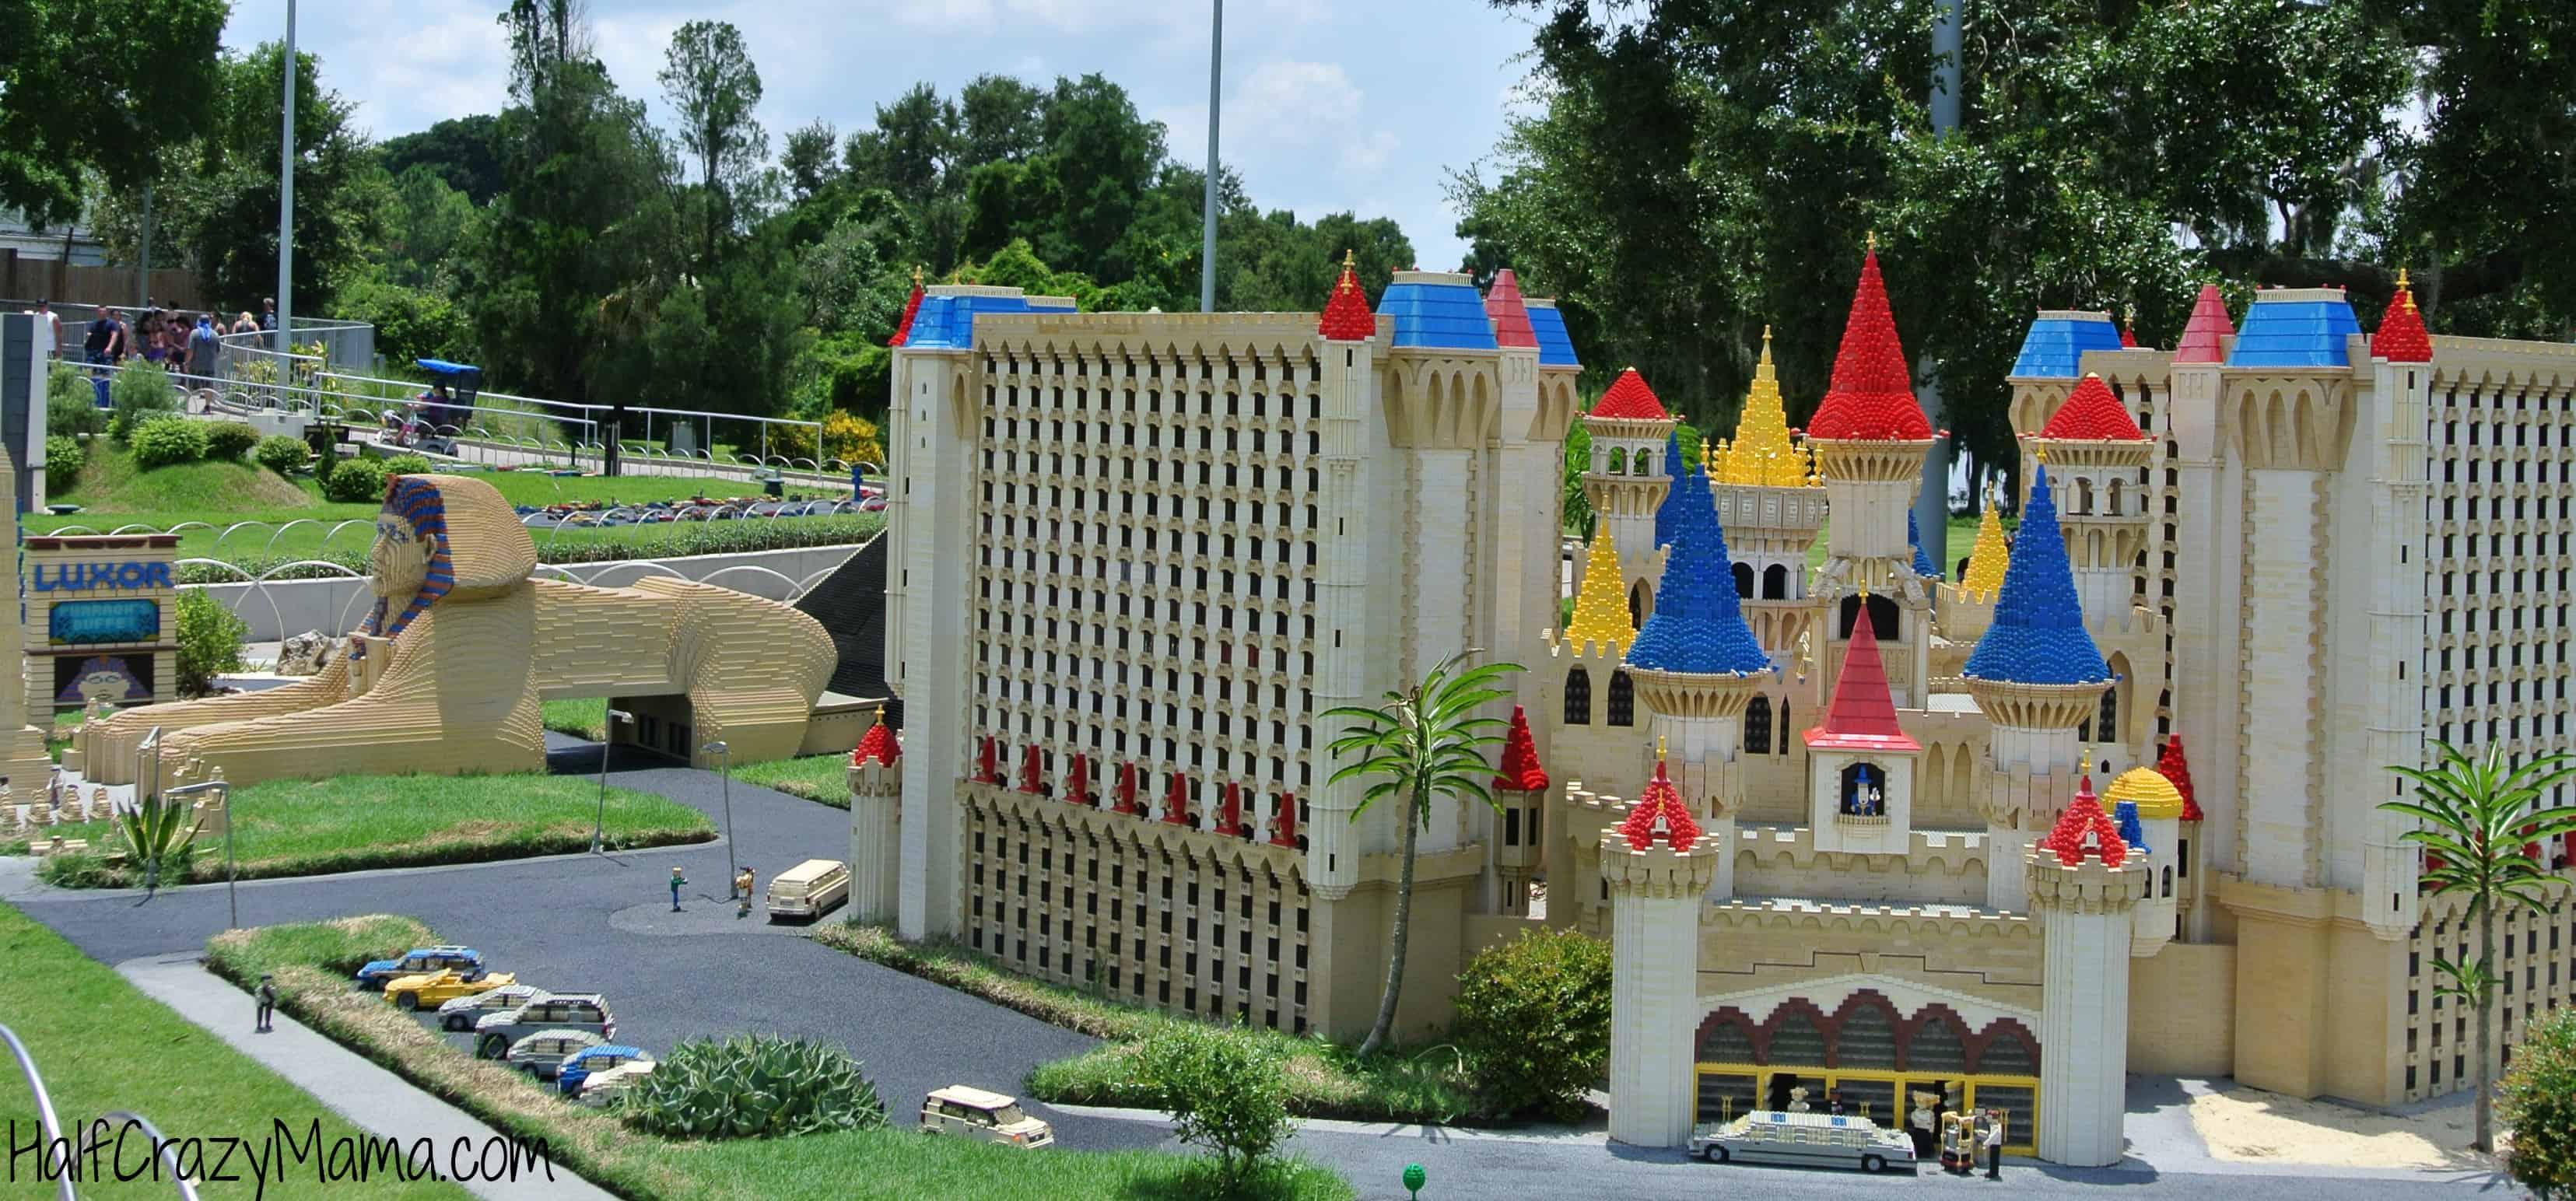 Legoland Florida Miniland